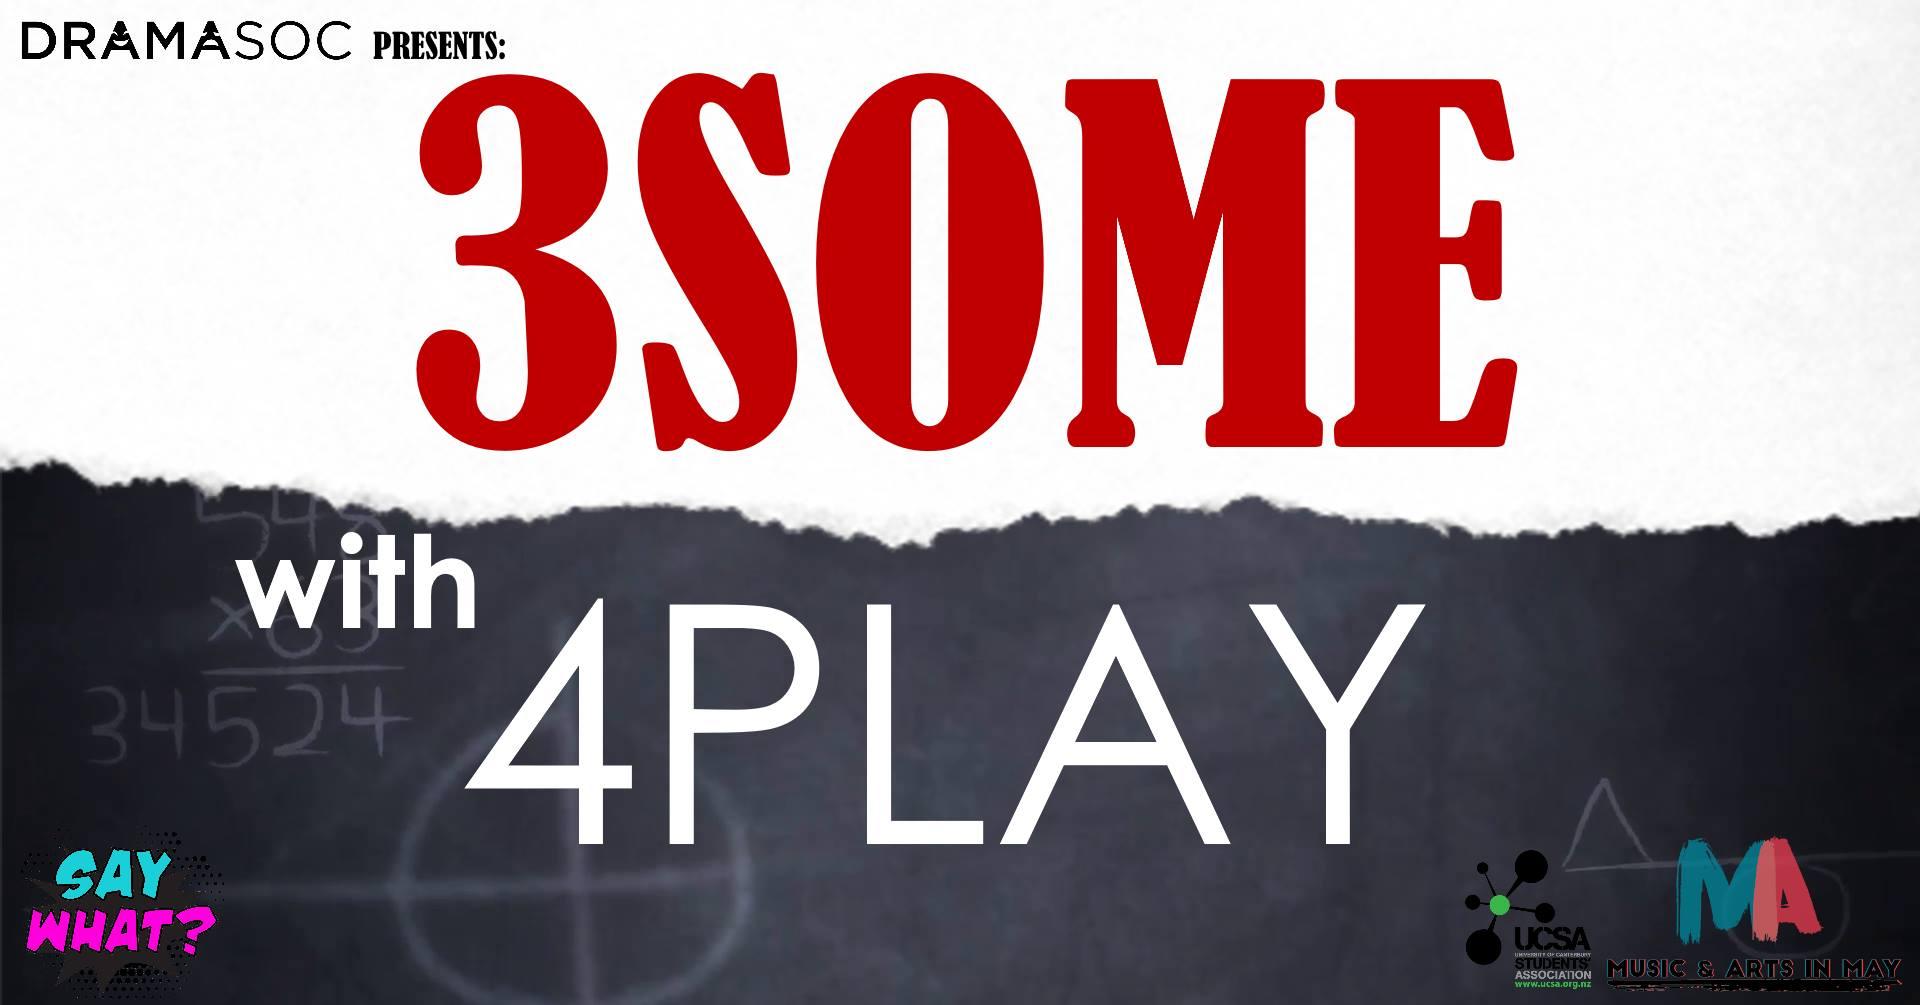 3SOME Banner2.jpg